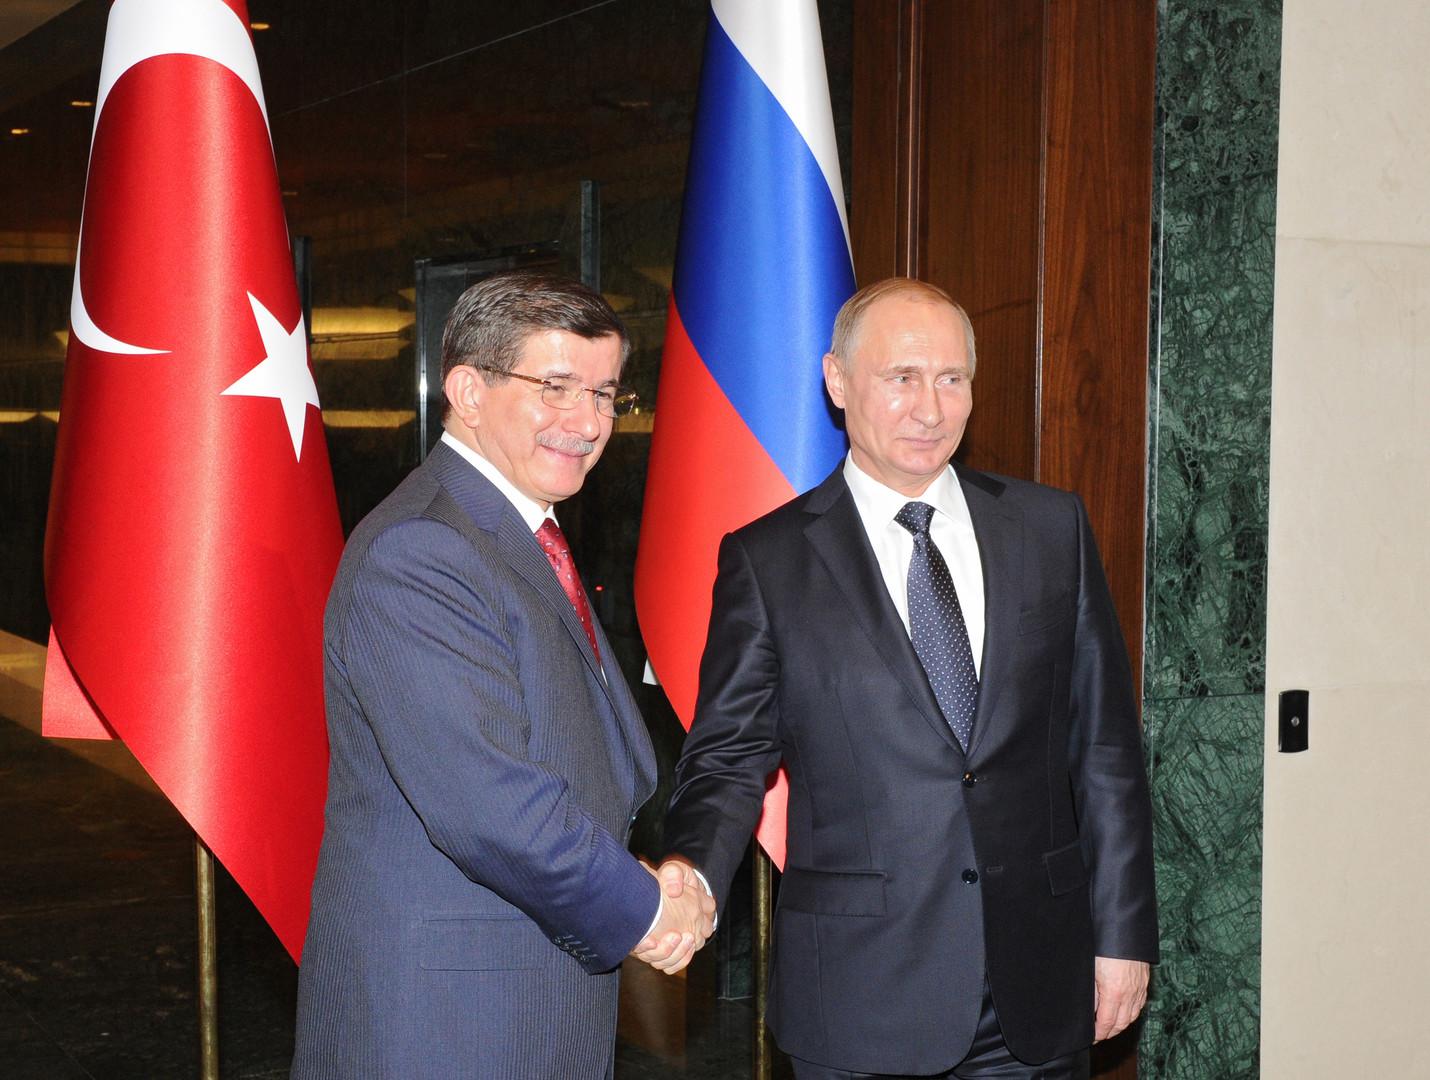 Après la Grèce, la Slovaquie envisage d'être reliée au gazoduc russo-turc